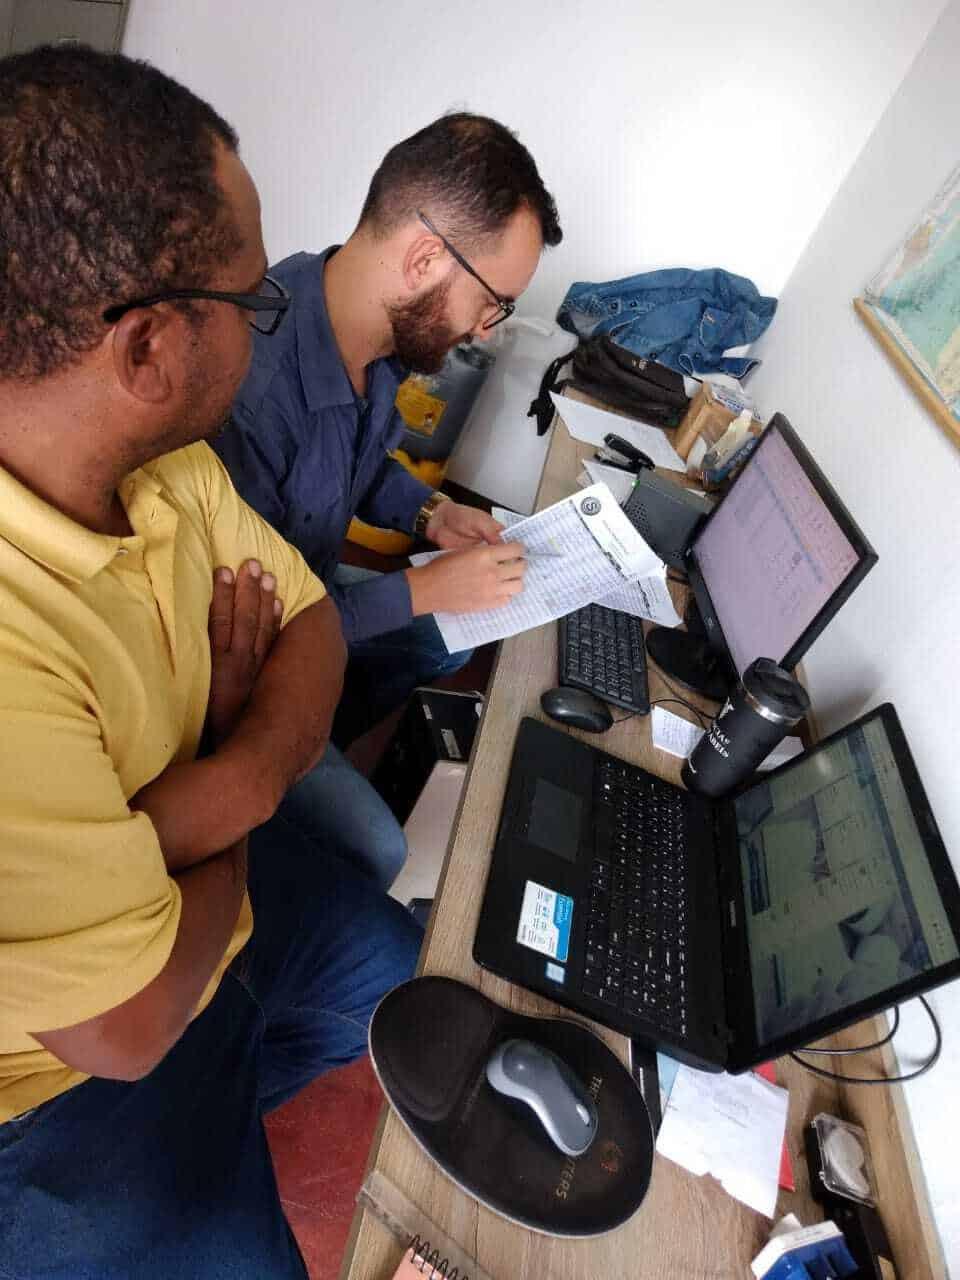 Imagem mostra consultor de controladoria e gestão financeira e funcionário sentados à mesa, em frente a dois computadores. Os dois olham para uma folha de papel.